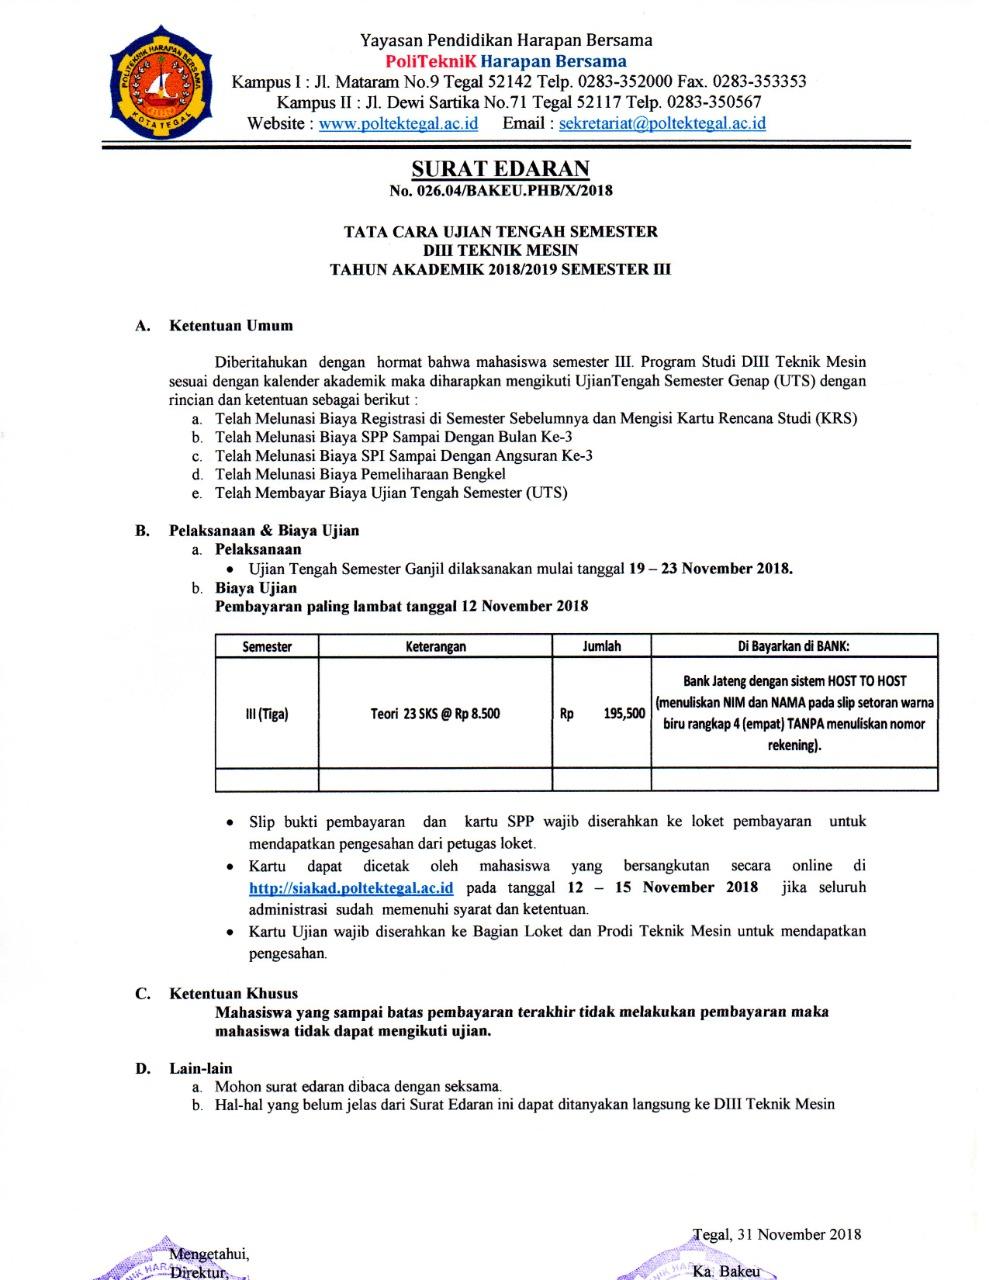 Pemberitahuan UTS Semester 3 Prodi Mesin T.A 2018/2019